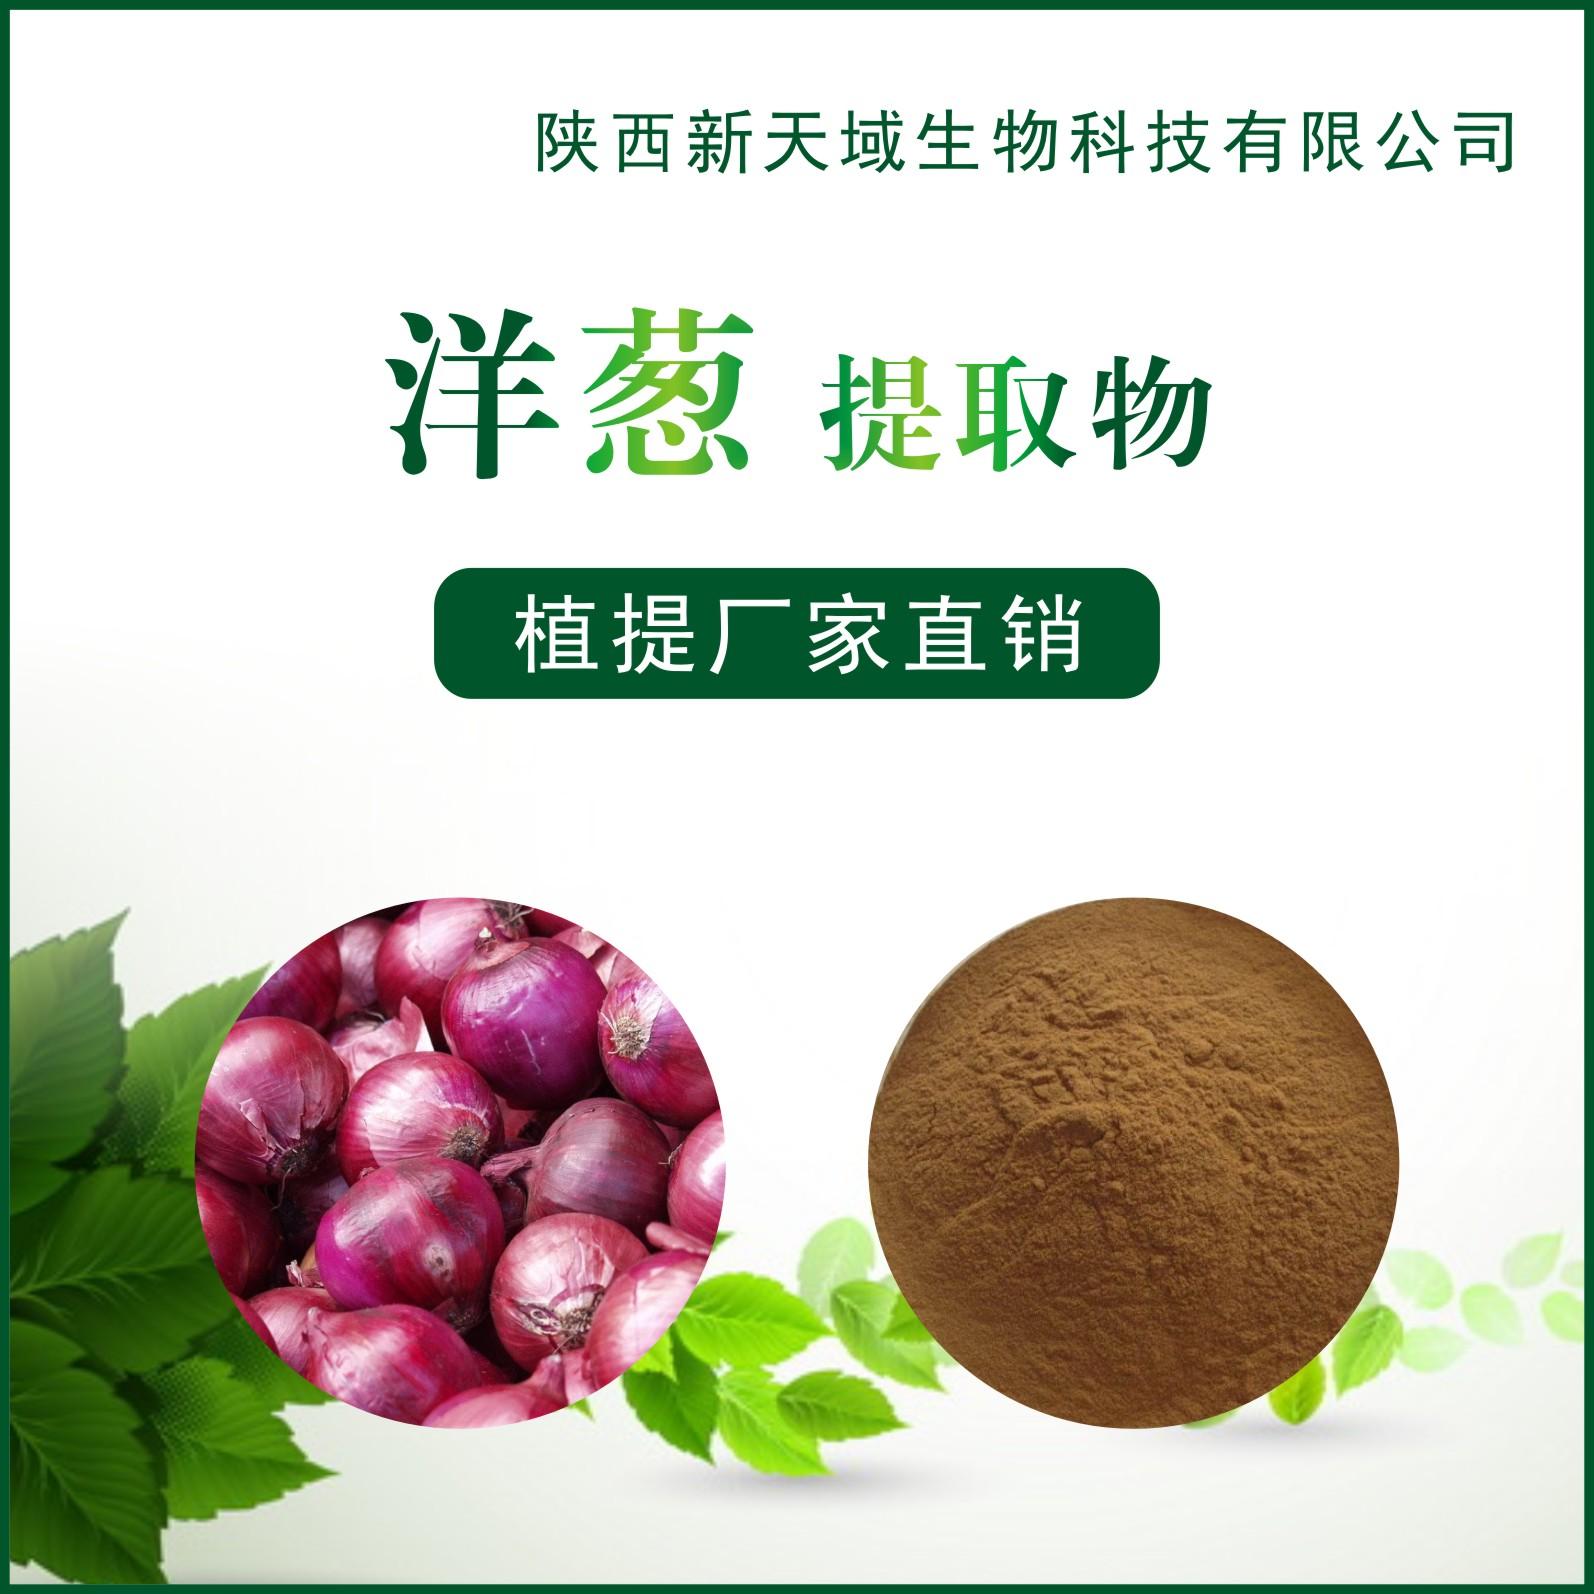 厂家供应洋葱提取物10:1  洋葱原料萃取 优质原料 质量保证